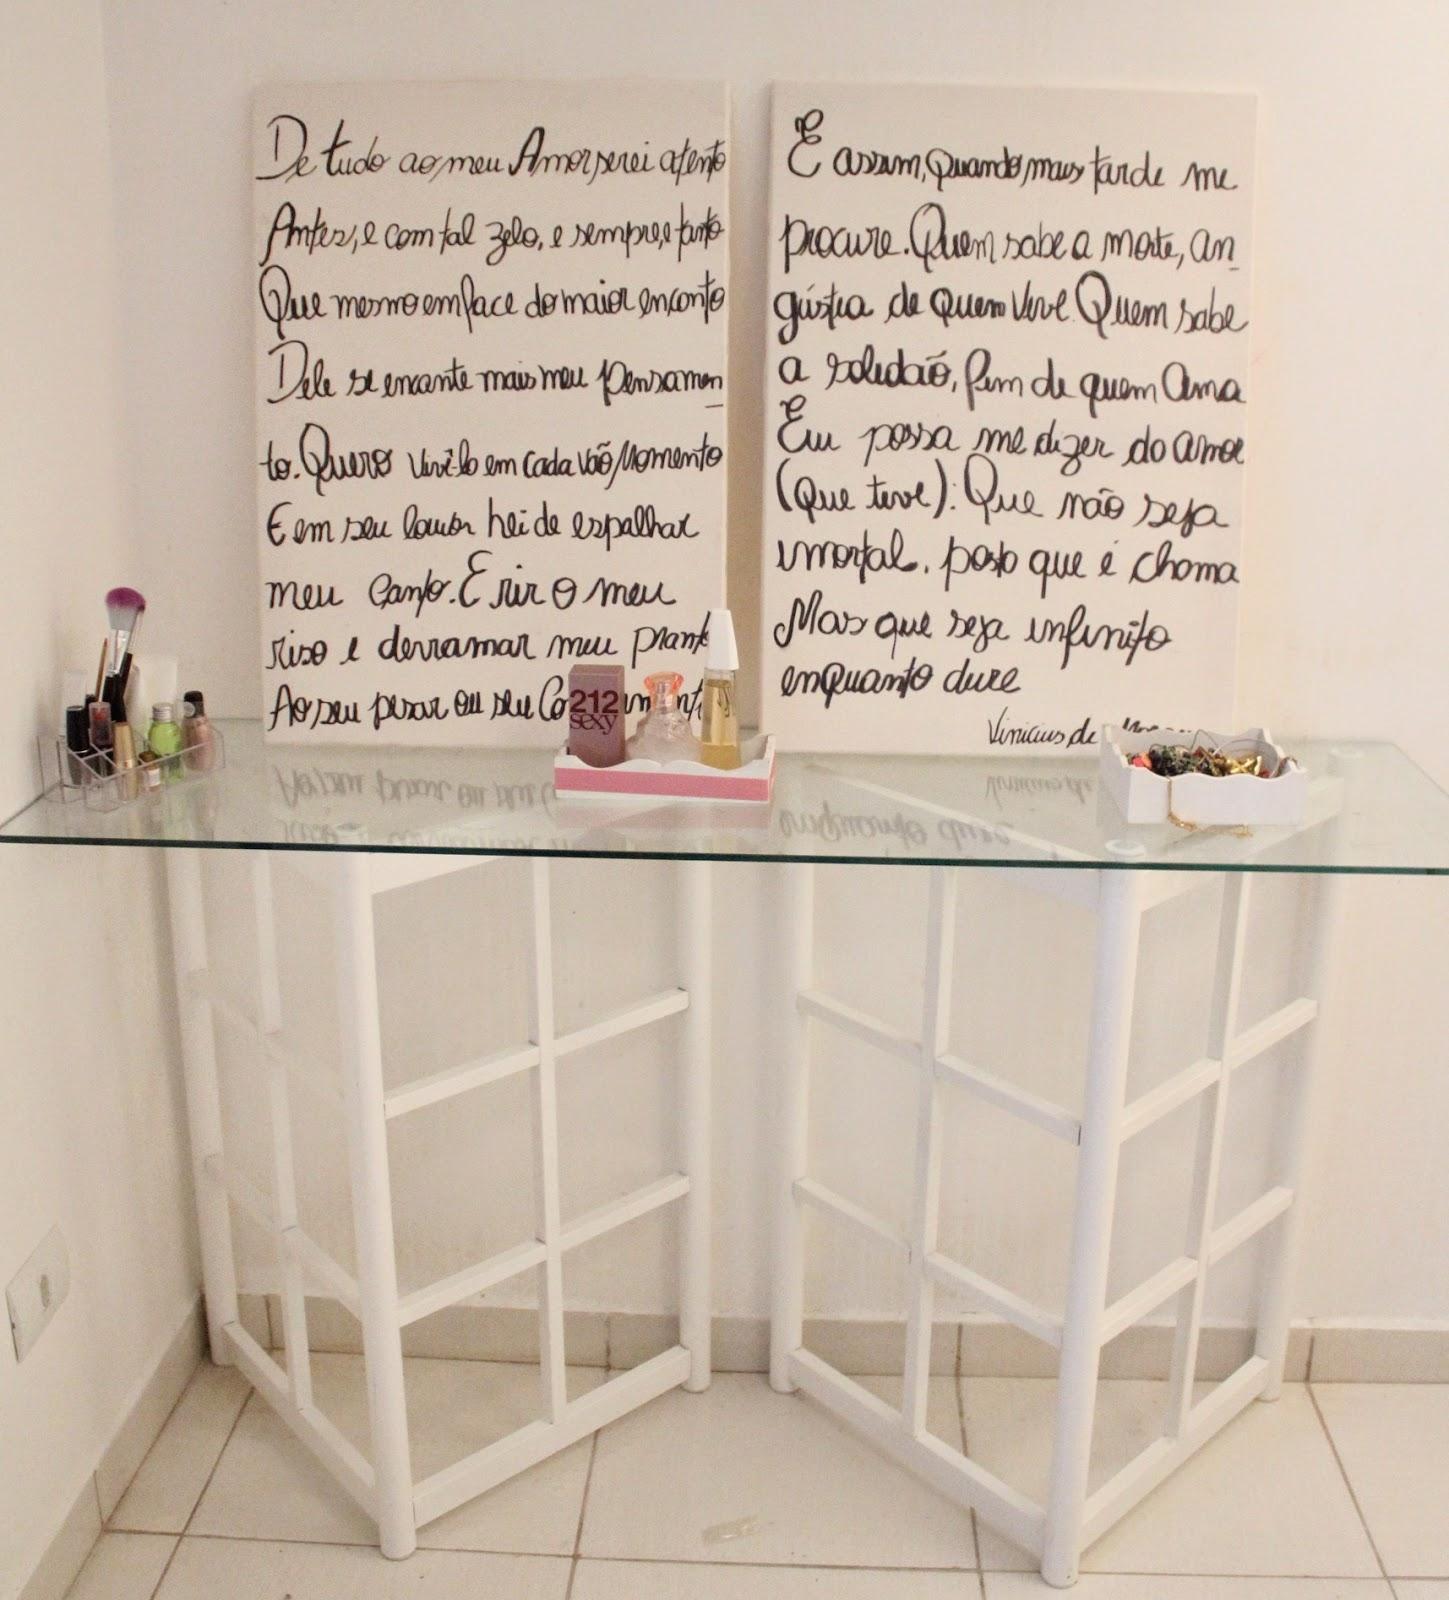 Telas de pintura escritas cabeceira de cama de casal